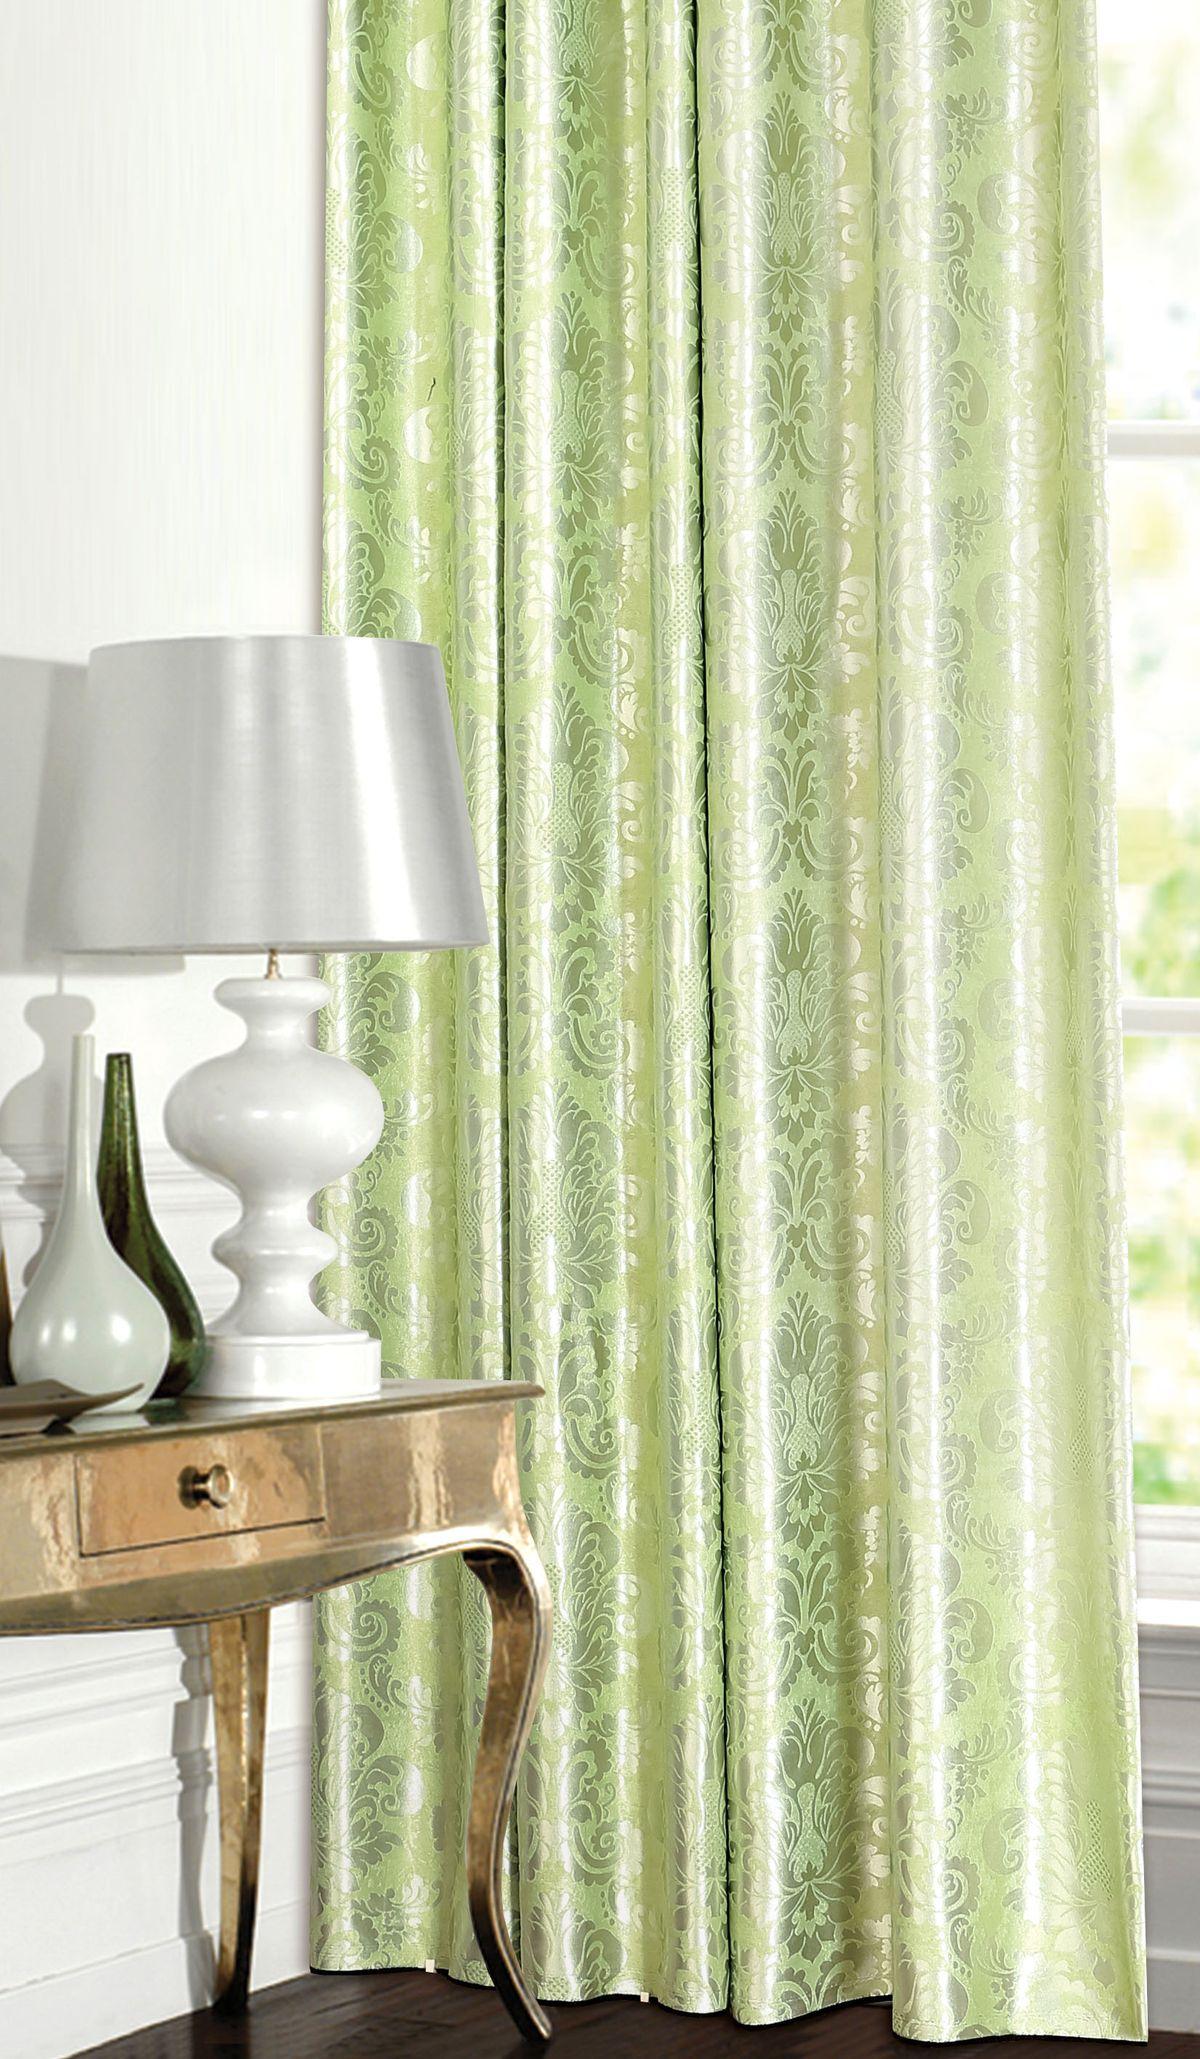 Штора Garden, на ленте, цвет: зеленый, высота 260 см. С 537392 V7K100Изящная штора для гостиной Garden выполнена из ткани с оригинальной структурой. Приятная текстура и цвет штор привлекут к себе внимание и органично впишутся в интерьер помещения. Штора крепится на карниз при помощи ленты, которая поможет красиво и равномерно задрапировать верх.